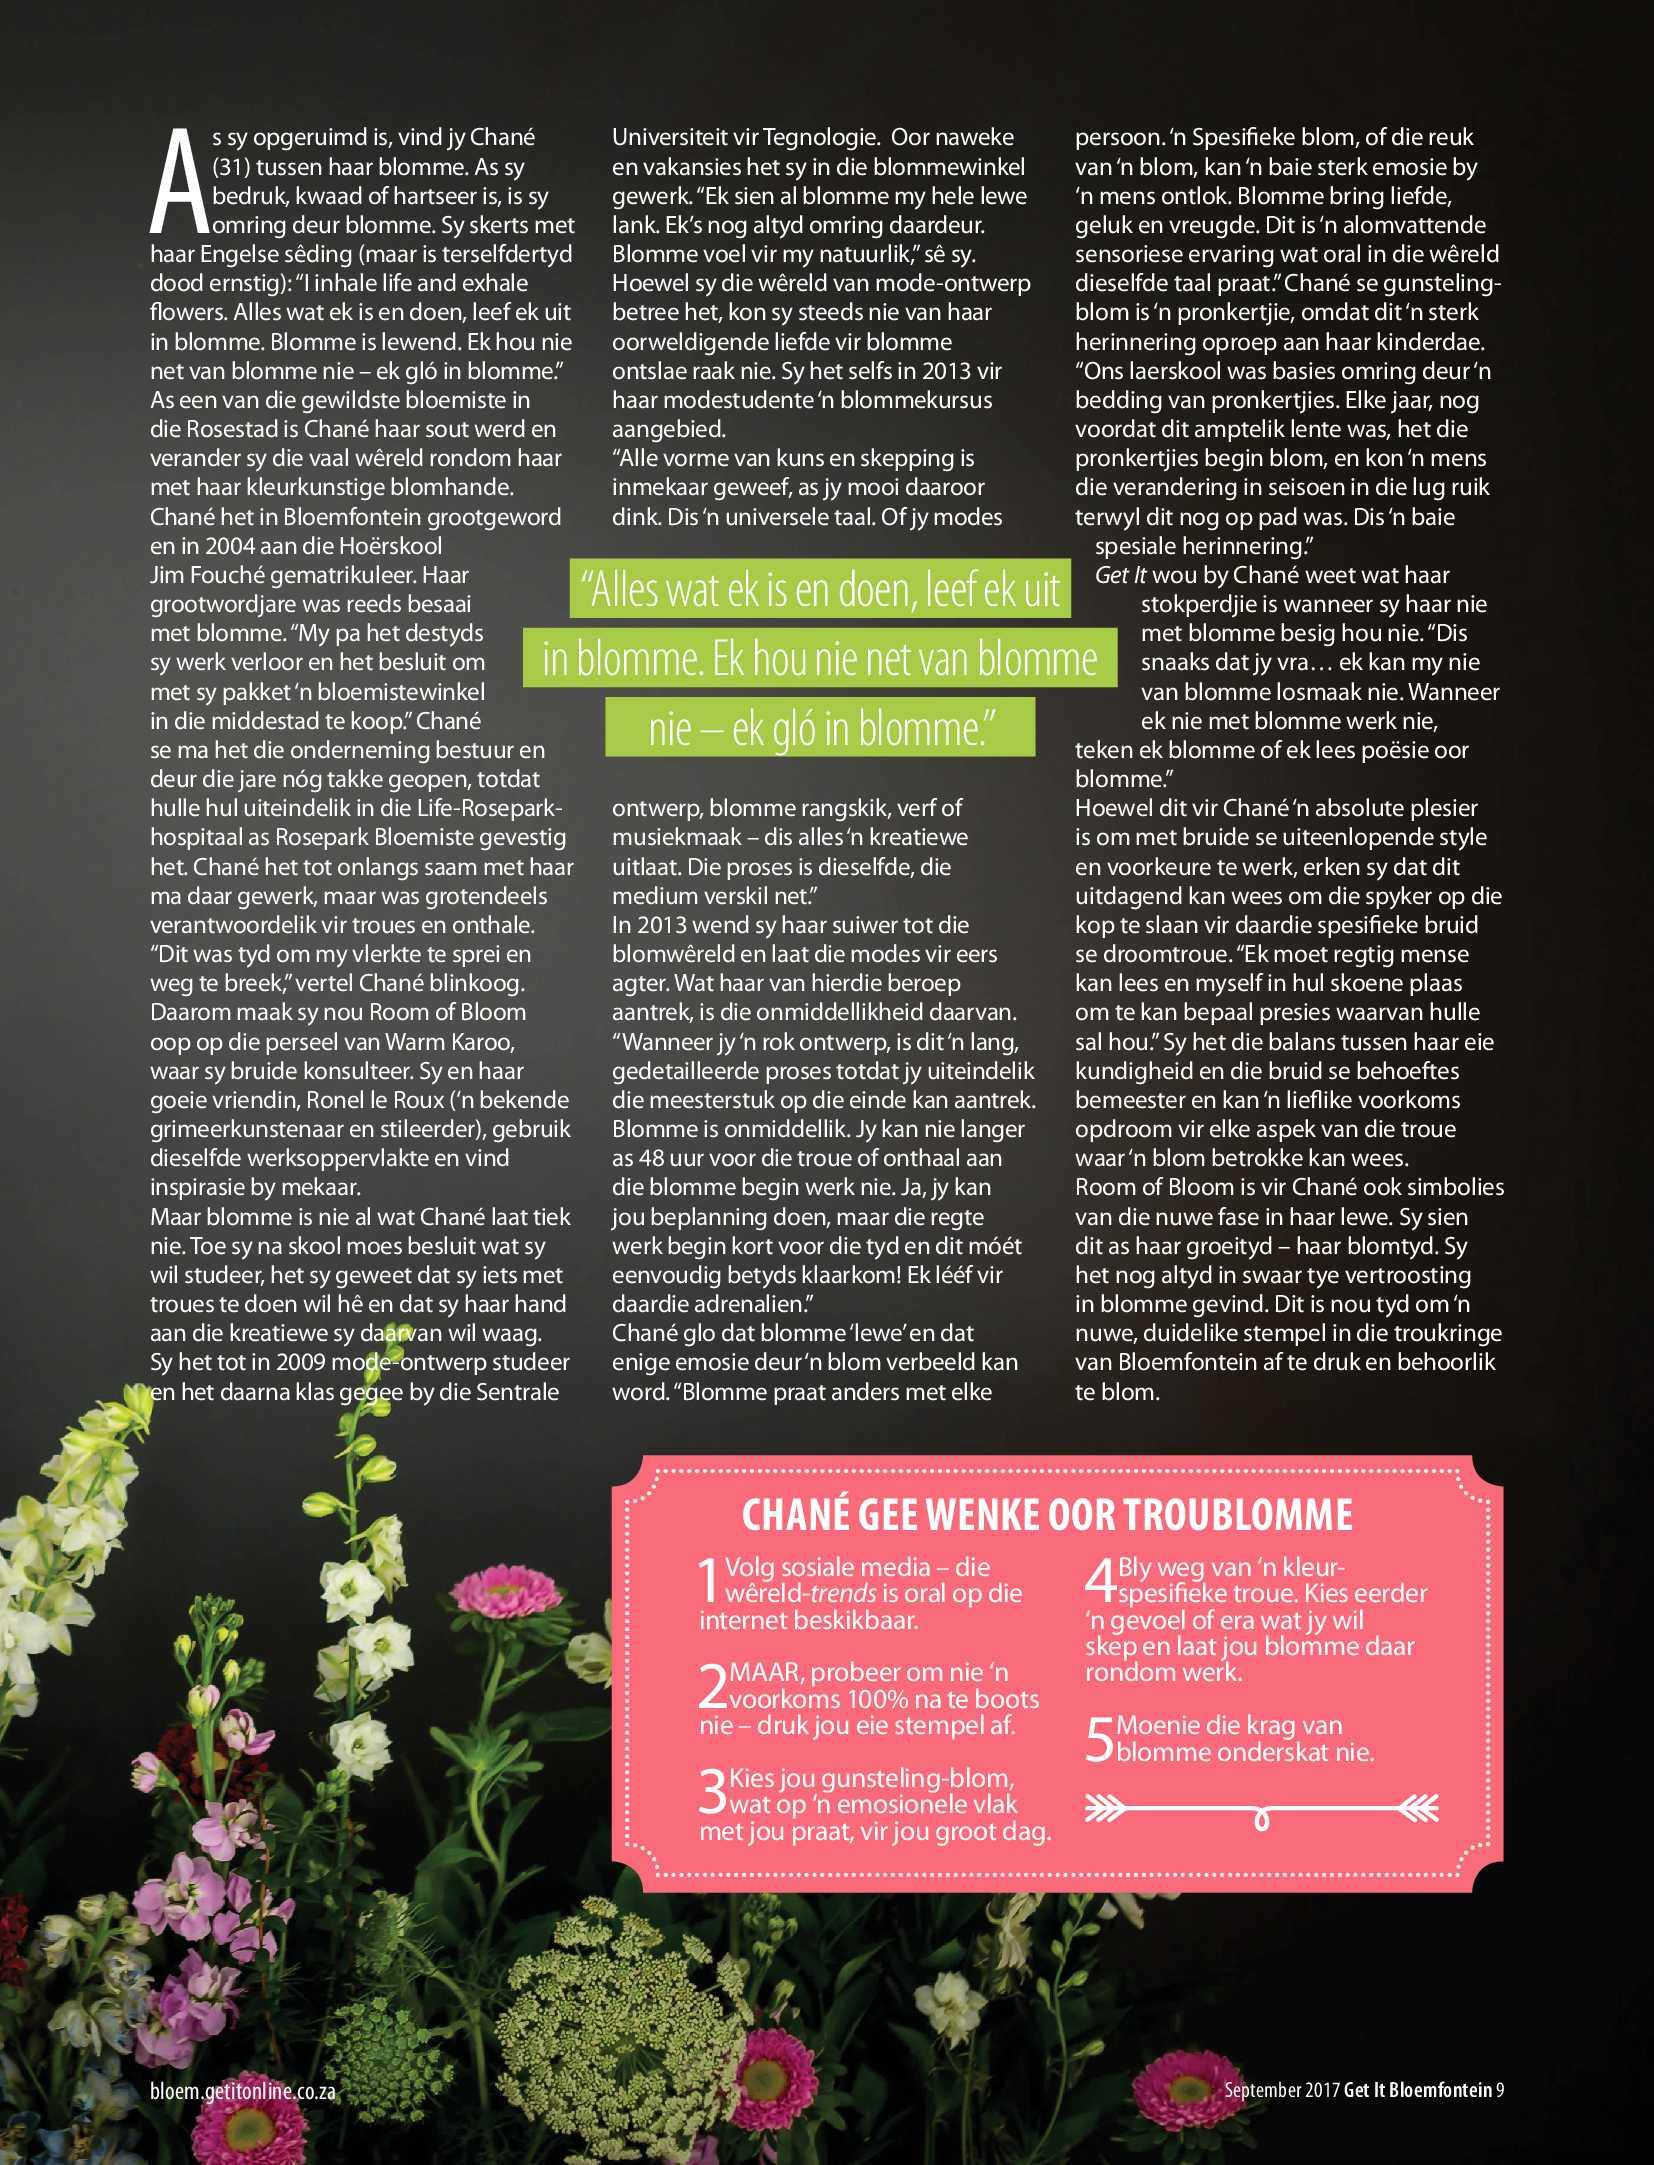 get-bloemfontein-september-2017-epapers-page-11